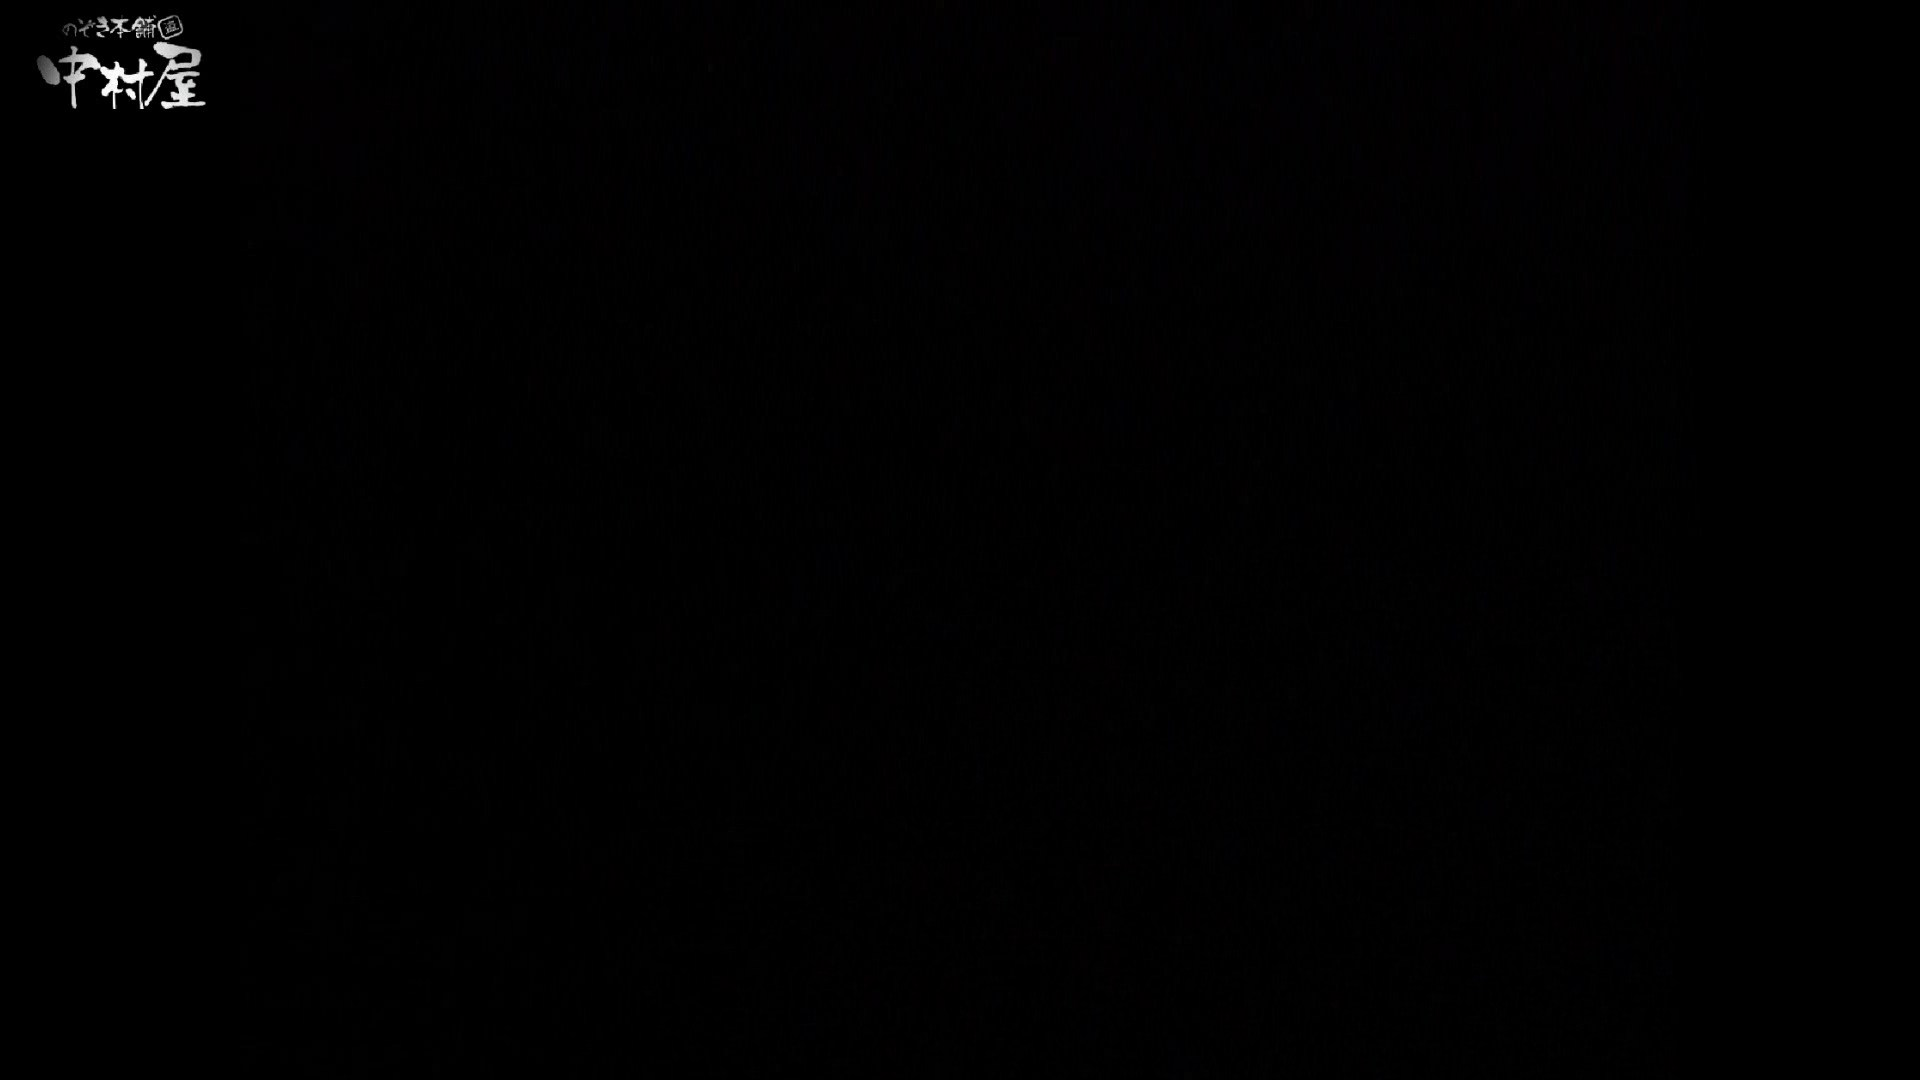 民家風呂専門盗撮師の超危険映像 vol.018 股間 オメコ無修正動画無料 95PIX 7